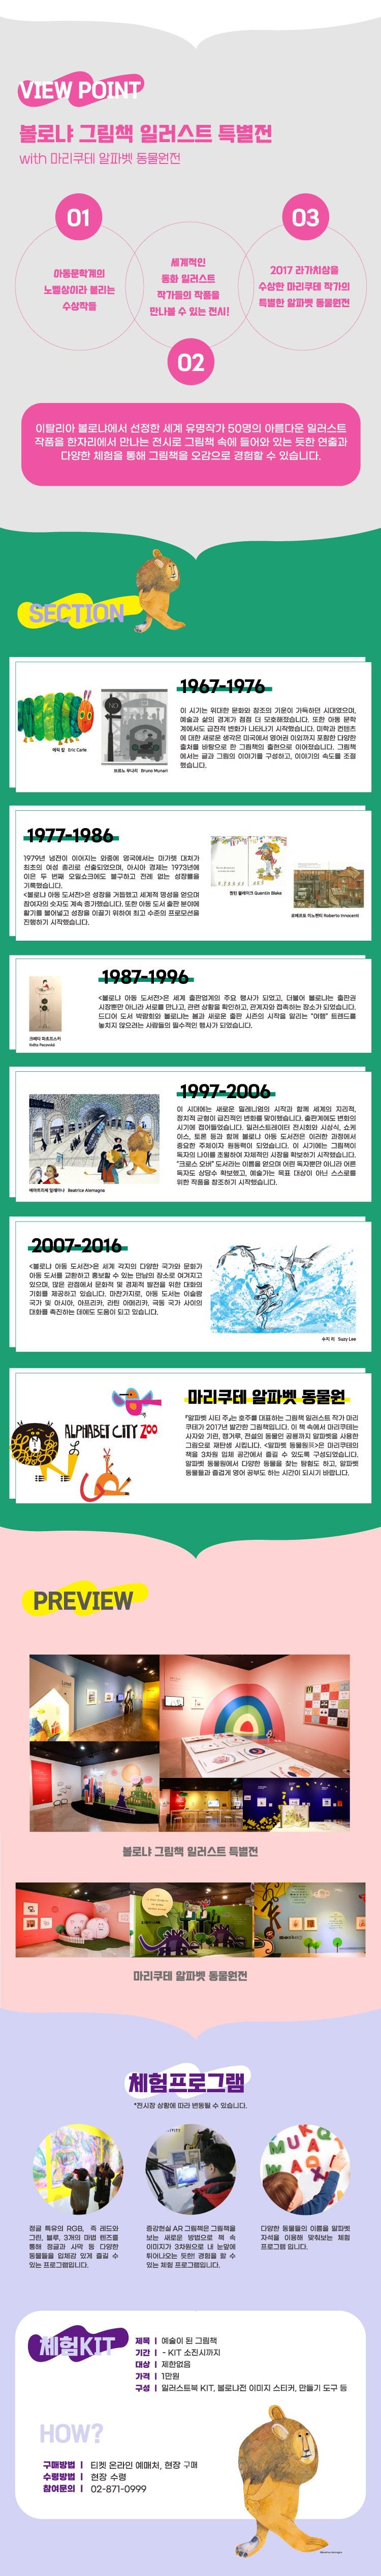 볼로냐 그림책 일러스트 특별전 2020년 11월 19일~2021년 1월 19일 강동아트센터 아트랑 Space1, 2><br style=